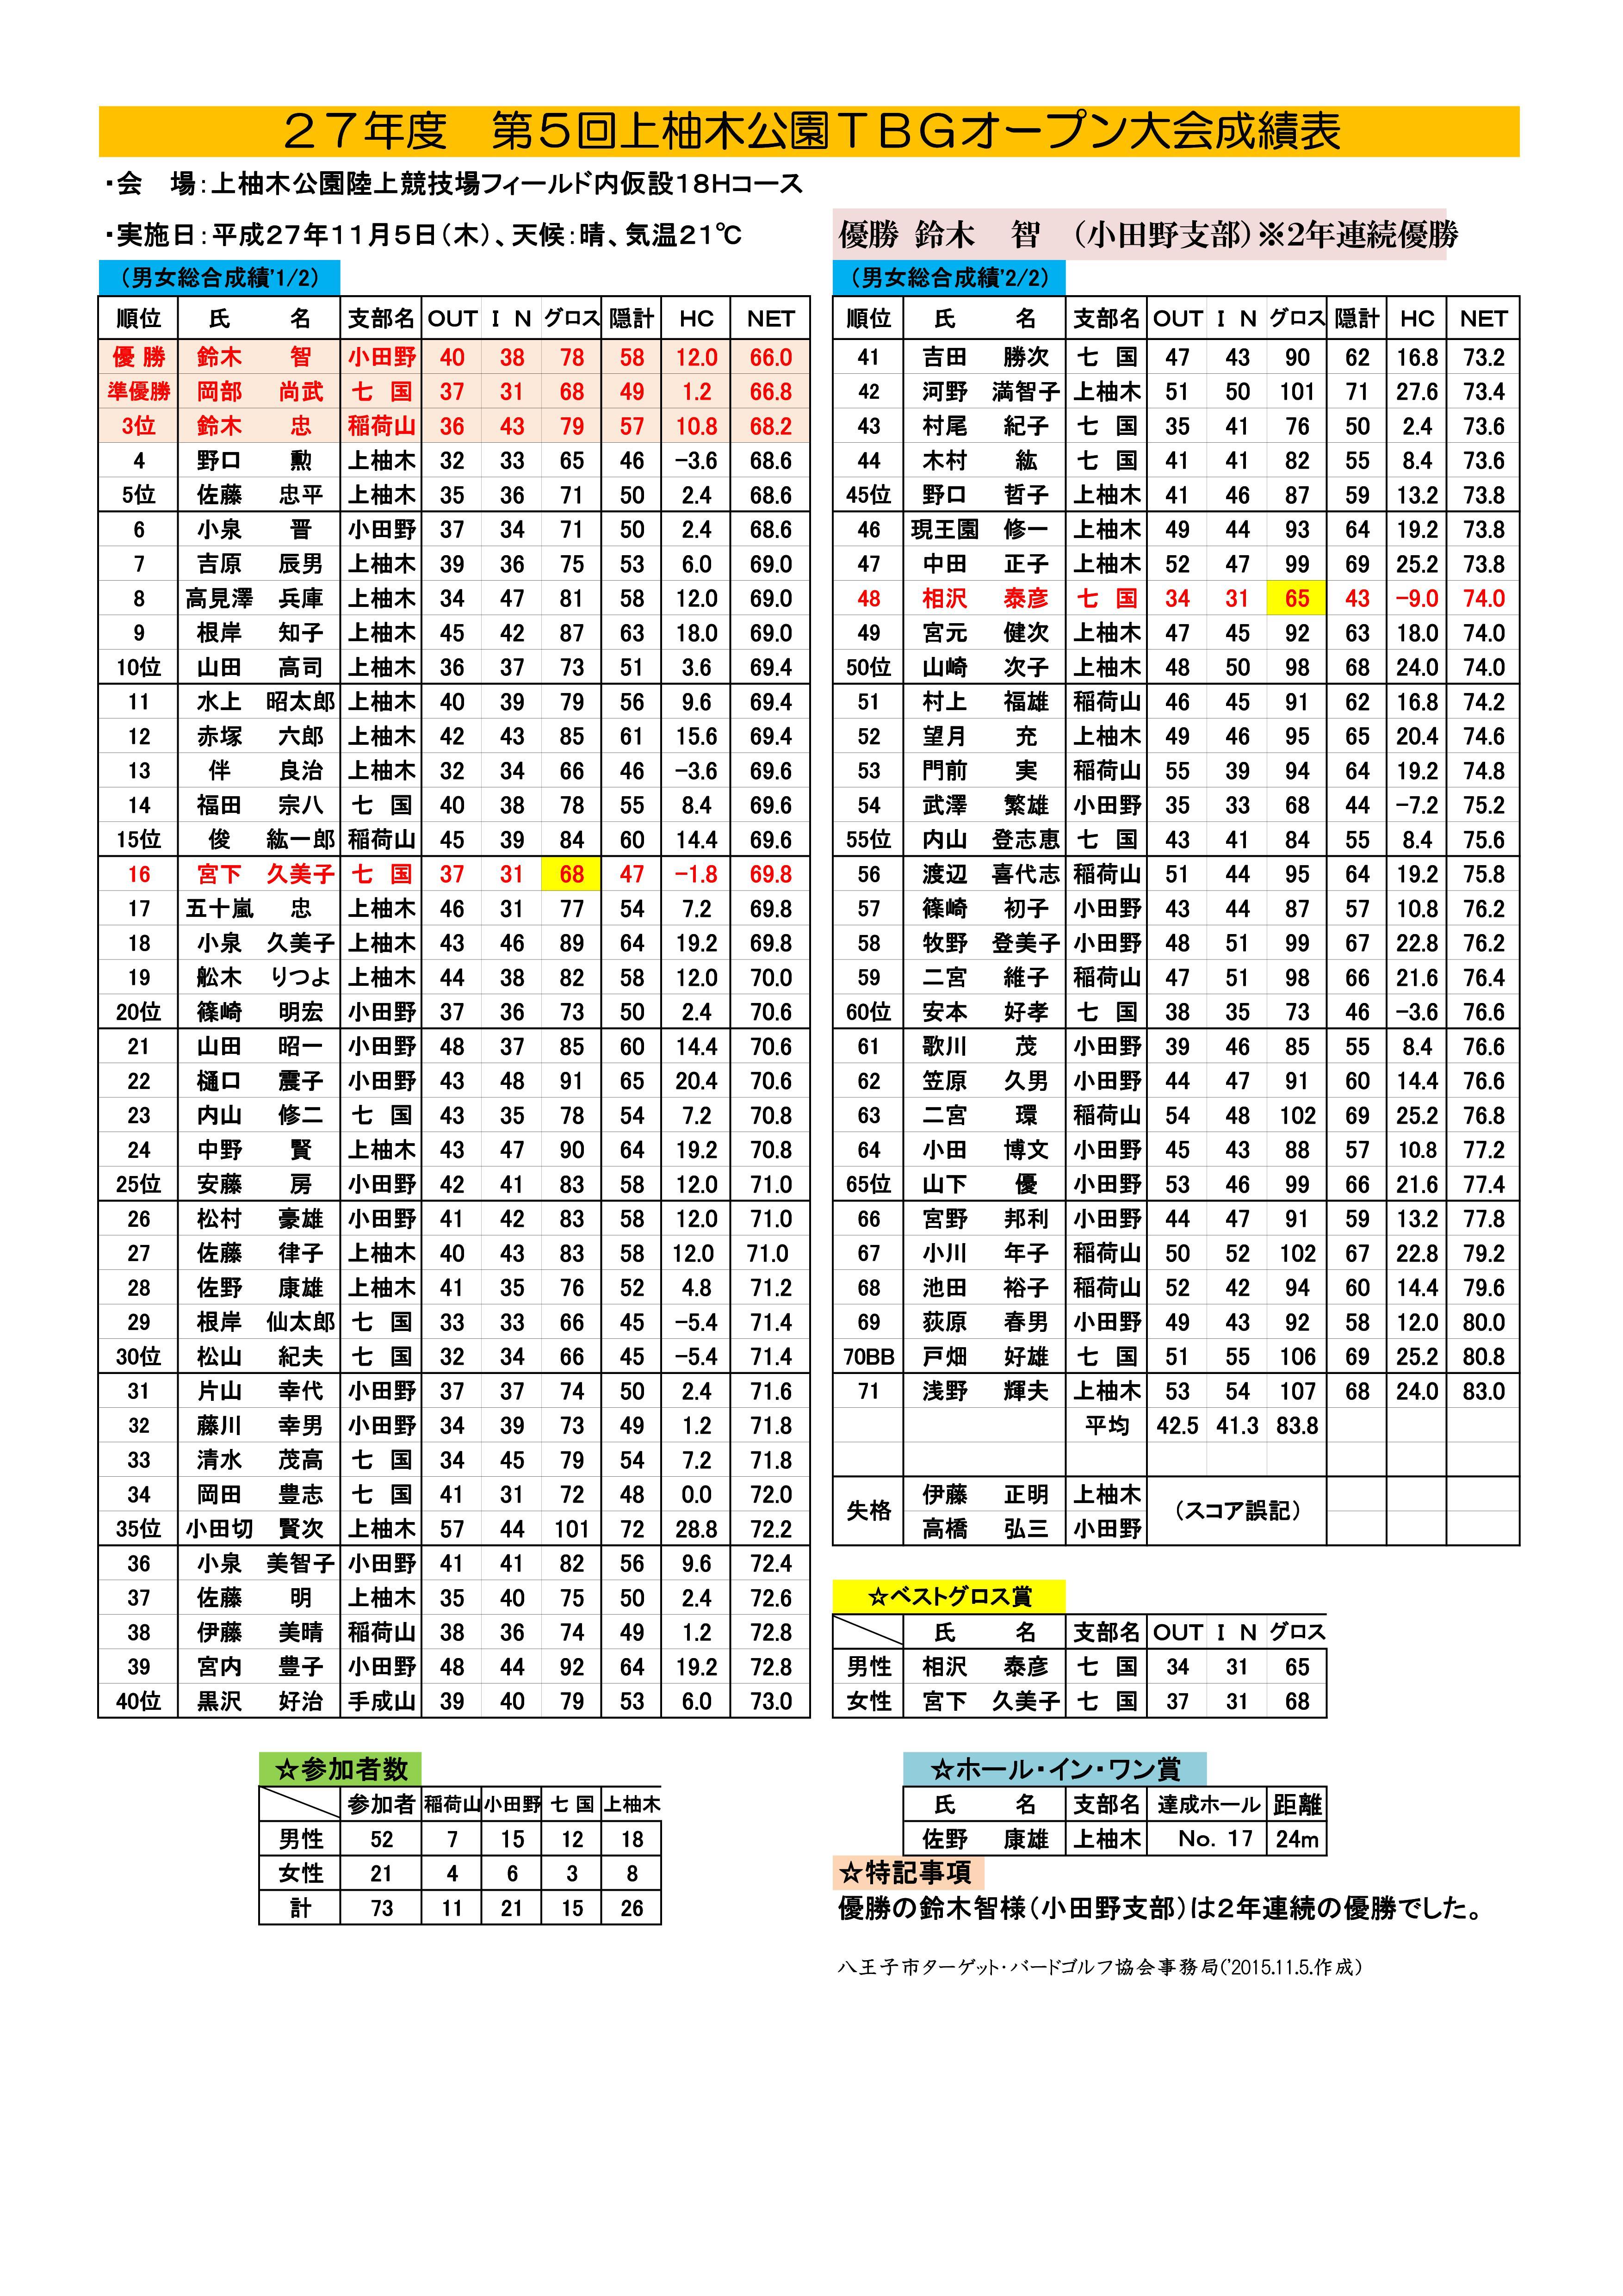 平成27年度「第5回上柚木公園TBGオープン大会」成績表('27.11.5.)